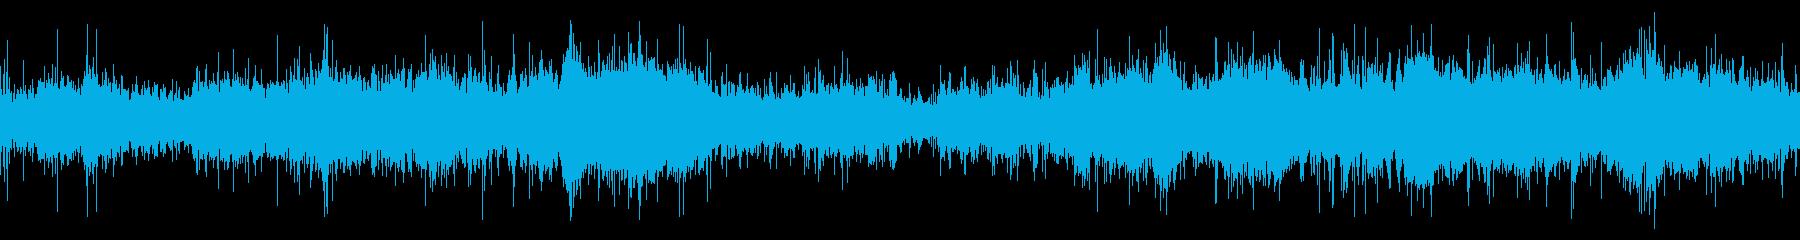 穏やかな波の浜辺(環境音)の再生済みの波形